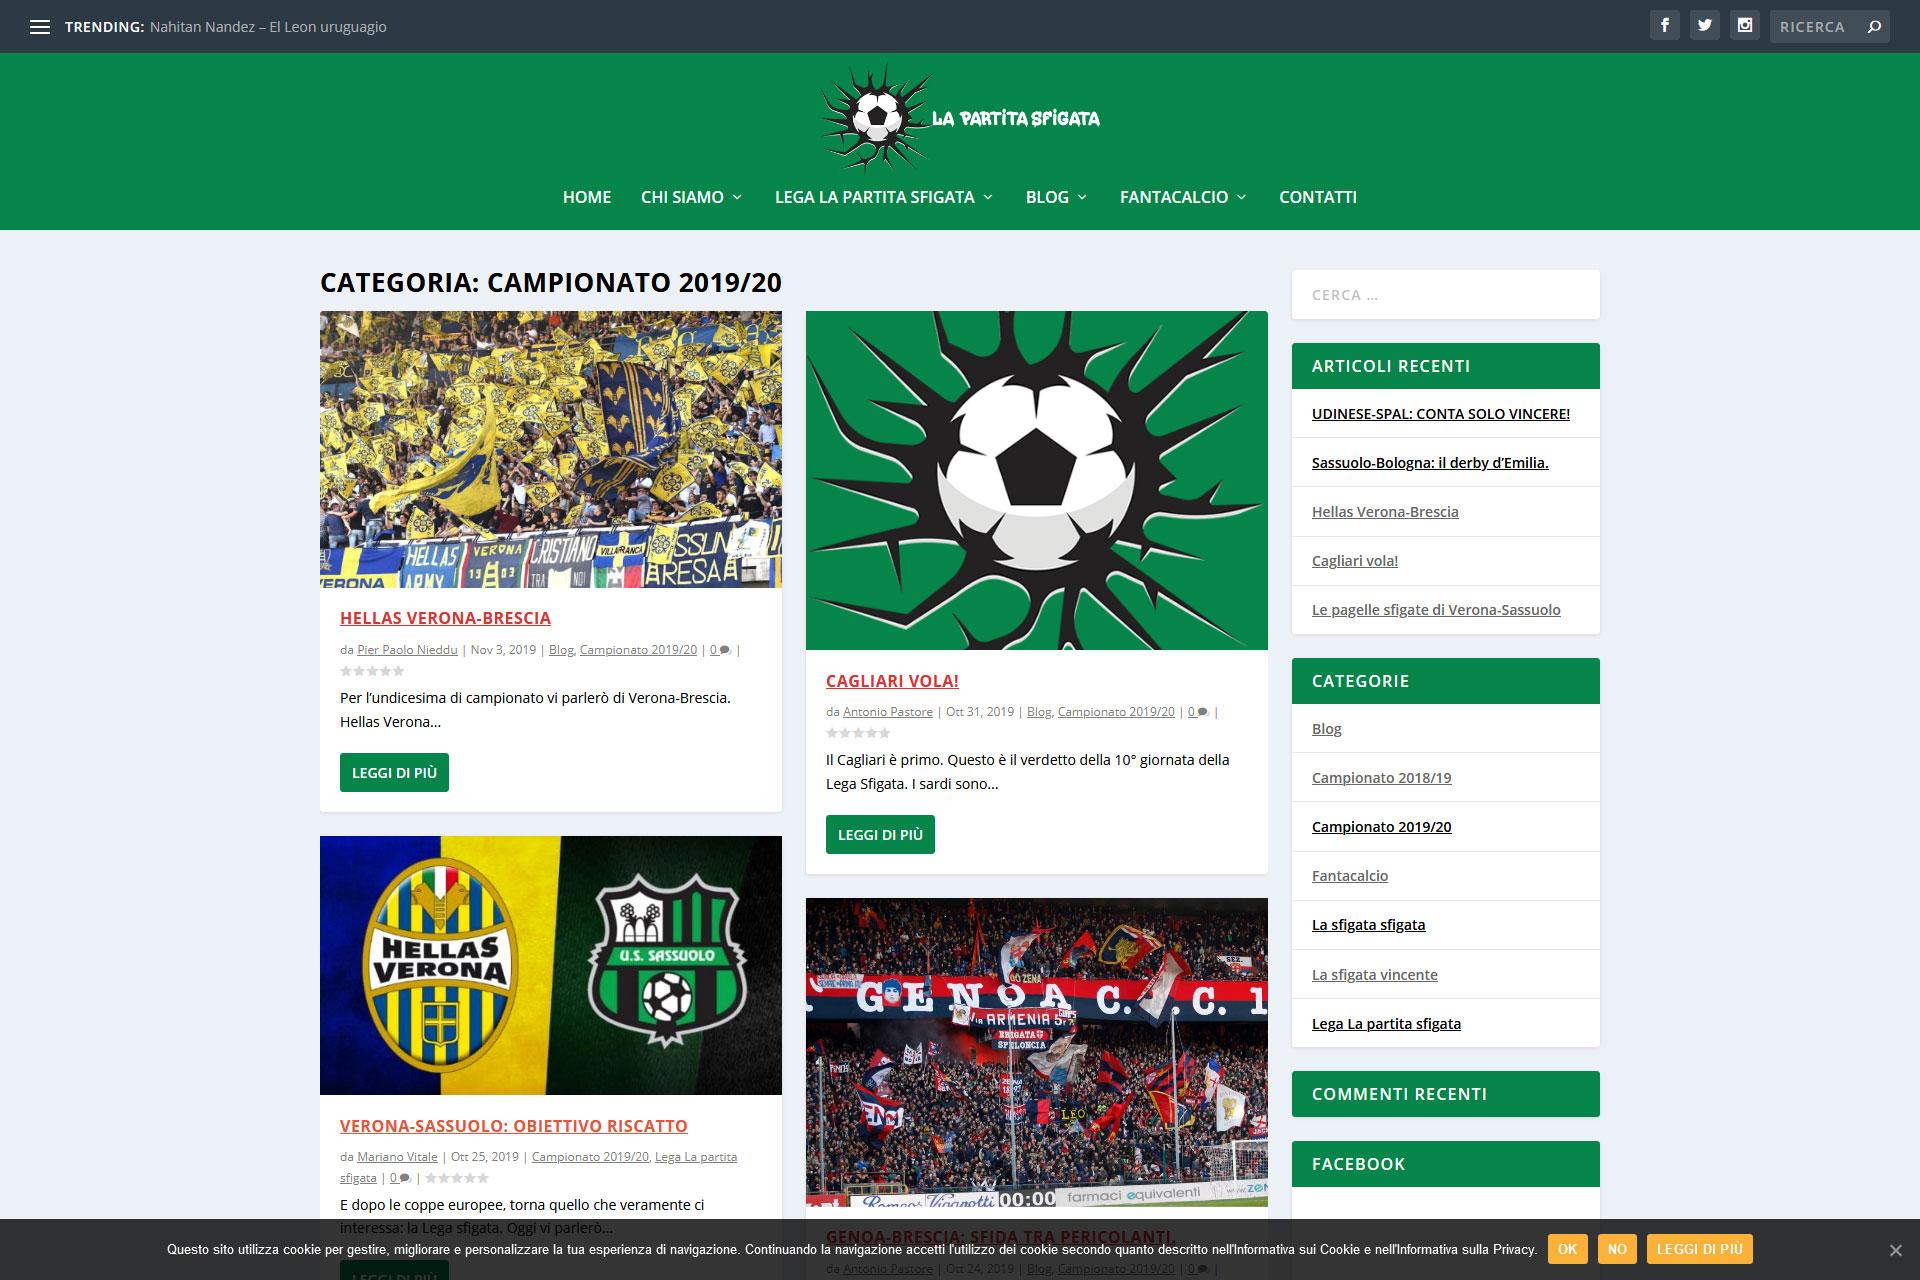 lv-design-realizzazione-siti-web-bologna-portfolio-la-partita-sfigata-slide-3